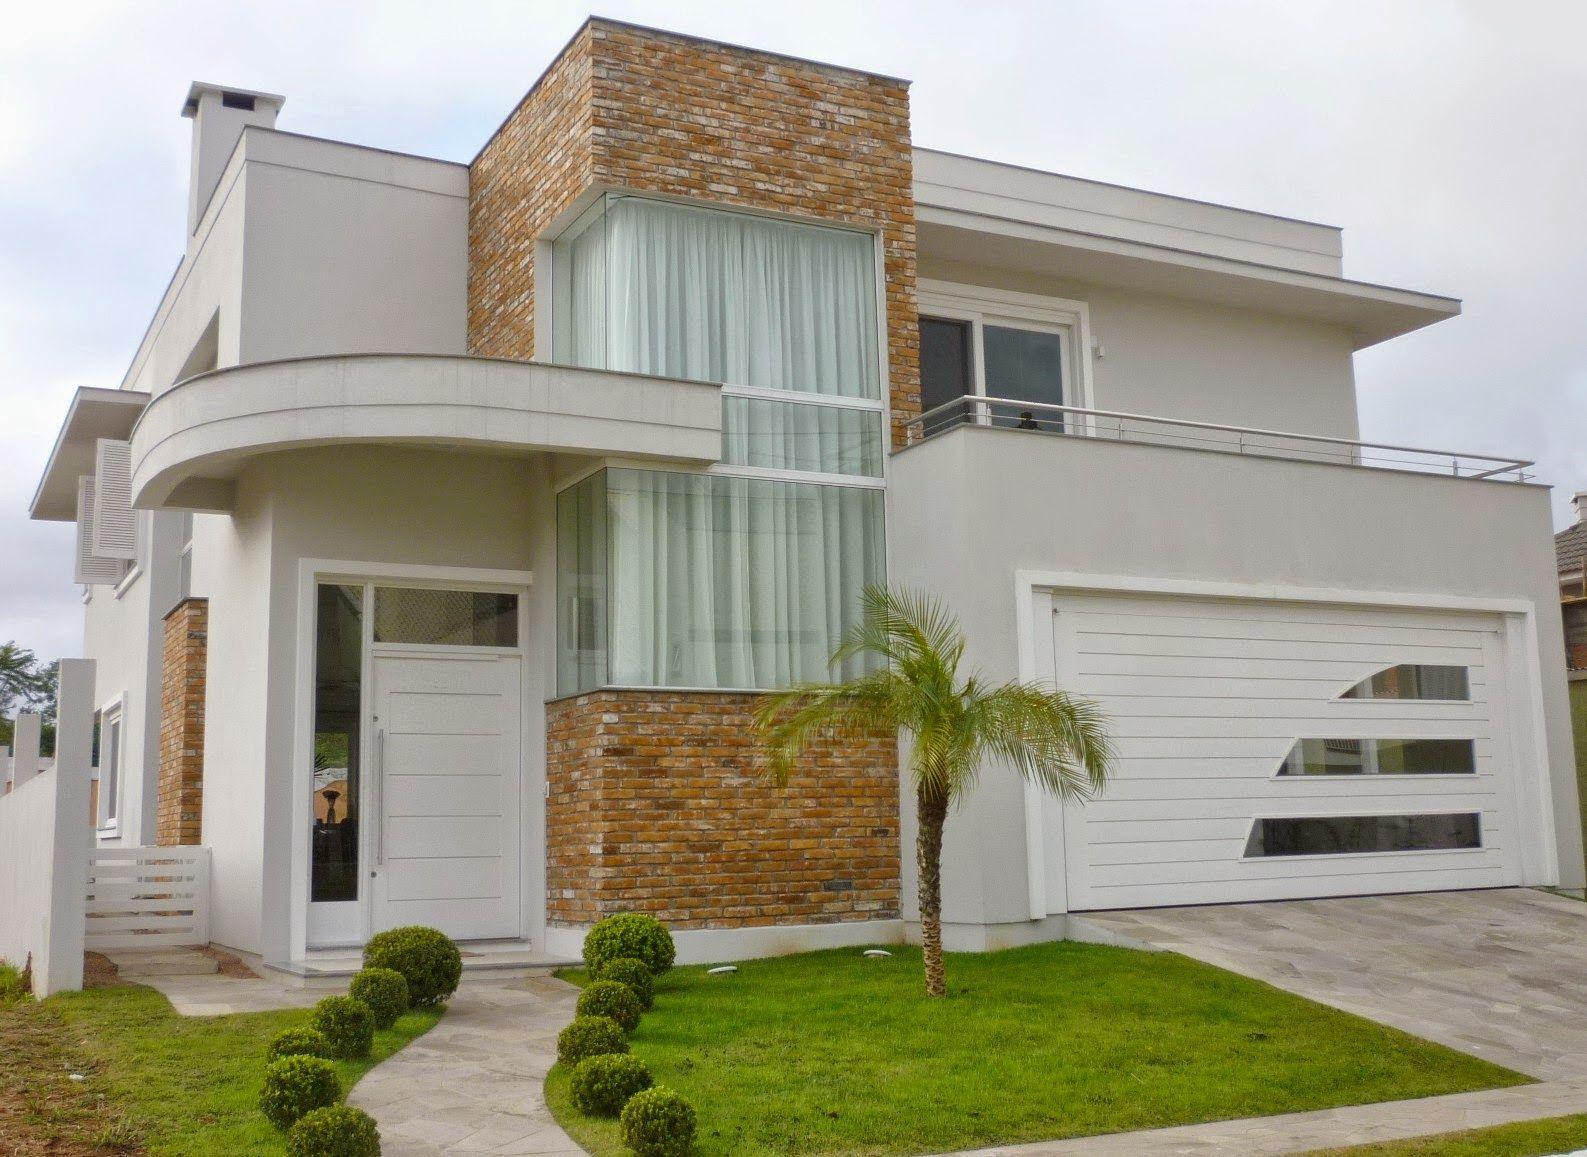 Fachadas de casa com cores claras off white dicas de for Casas modernas pintadas